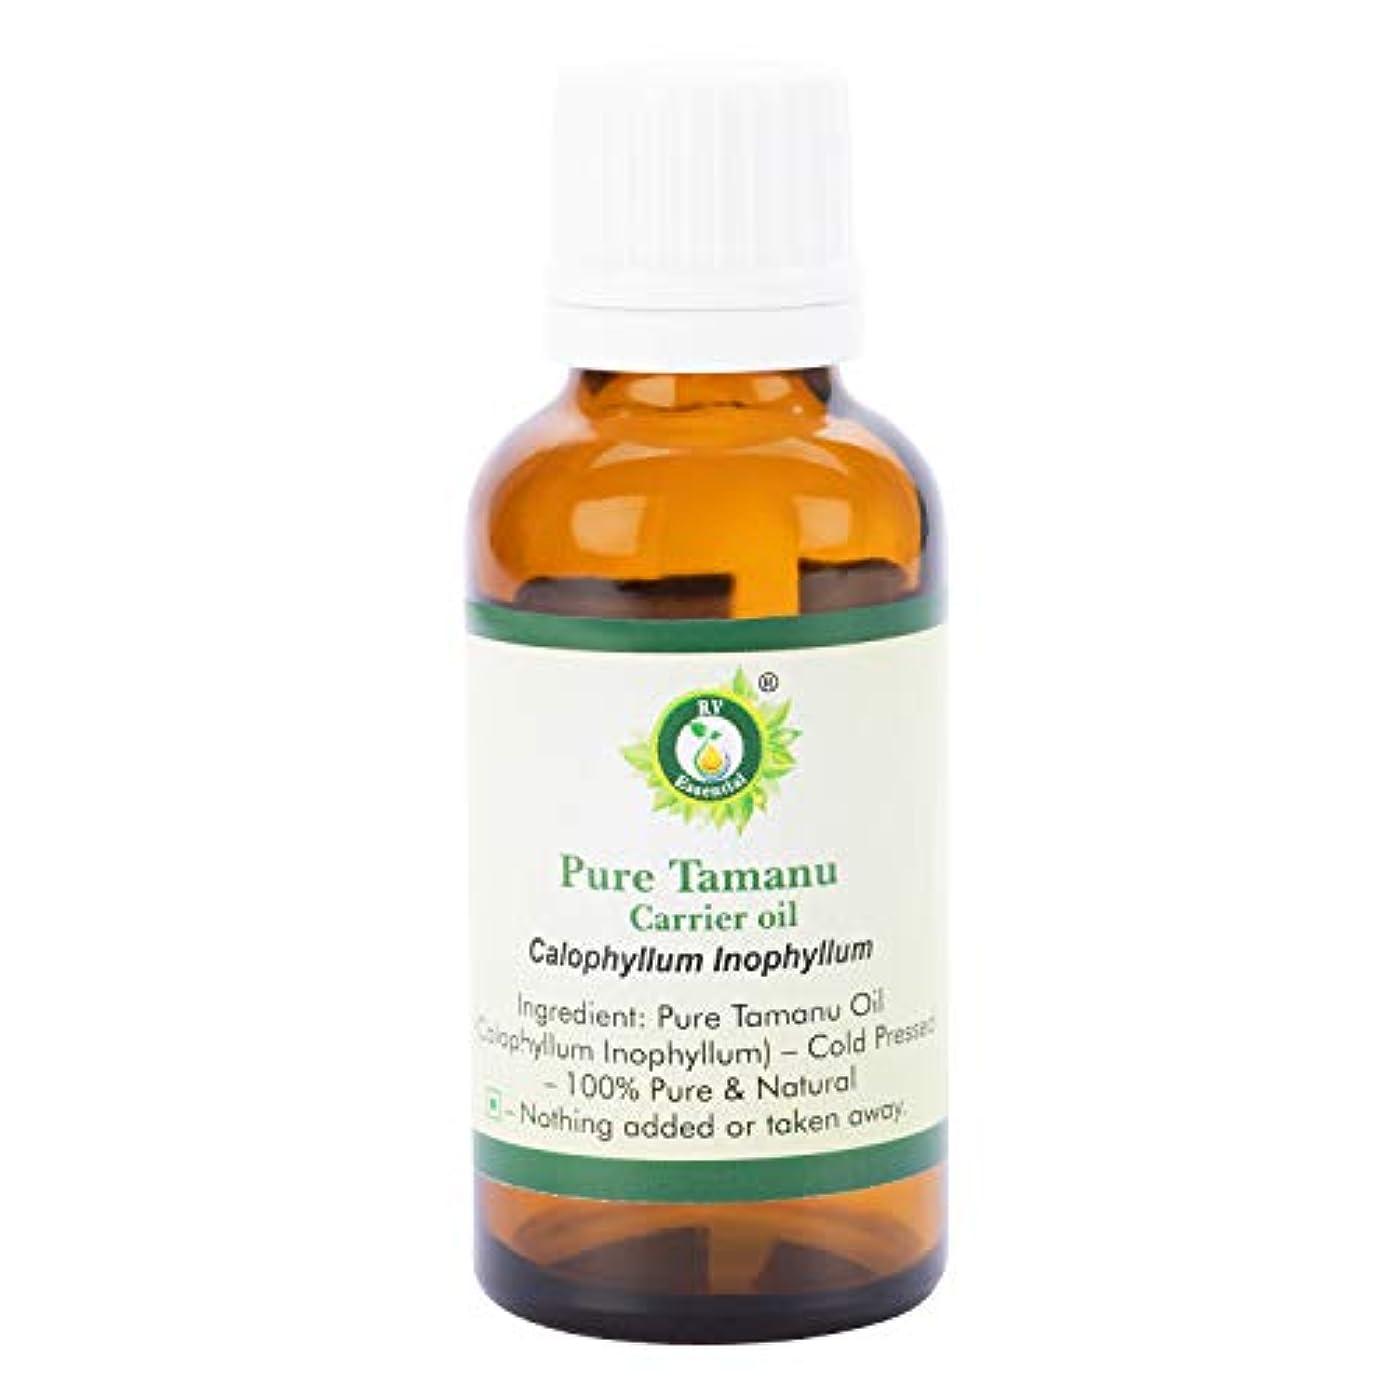 パラナ川効能文字ピュアTamanuキャリアオイル50ml (1.69oz)- Calophyllum Inophyllum (100%ピュア&ナチュラルコールドPressed) Pure Tamanu Carrier Oil